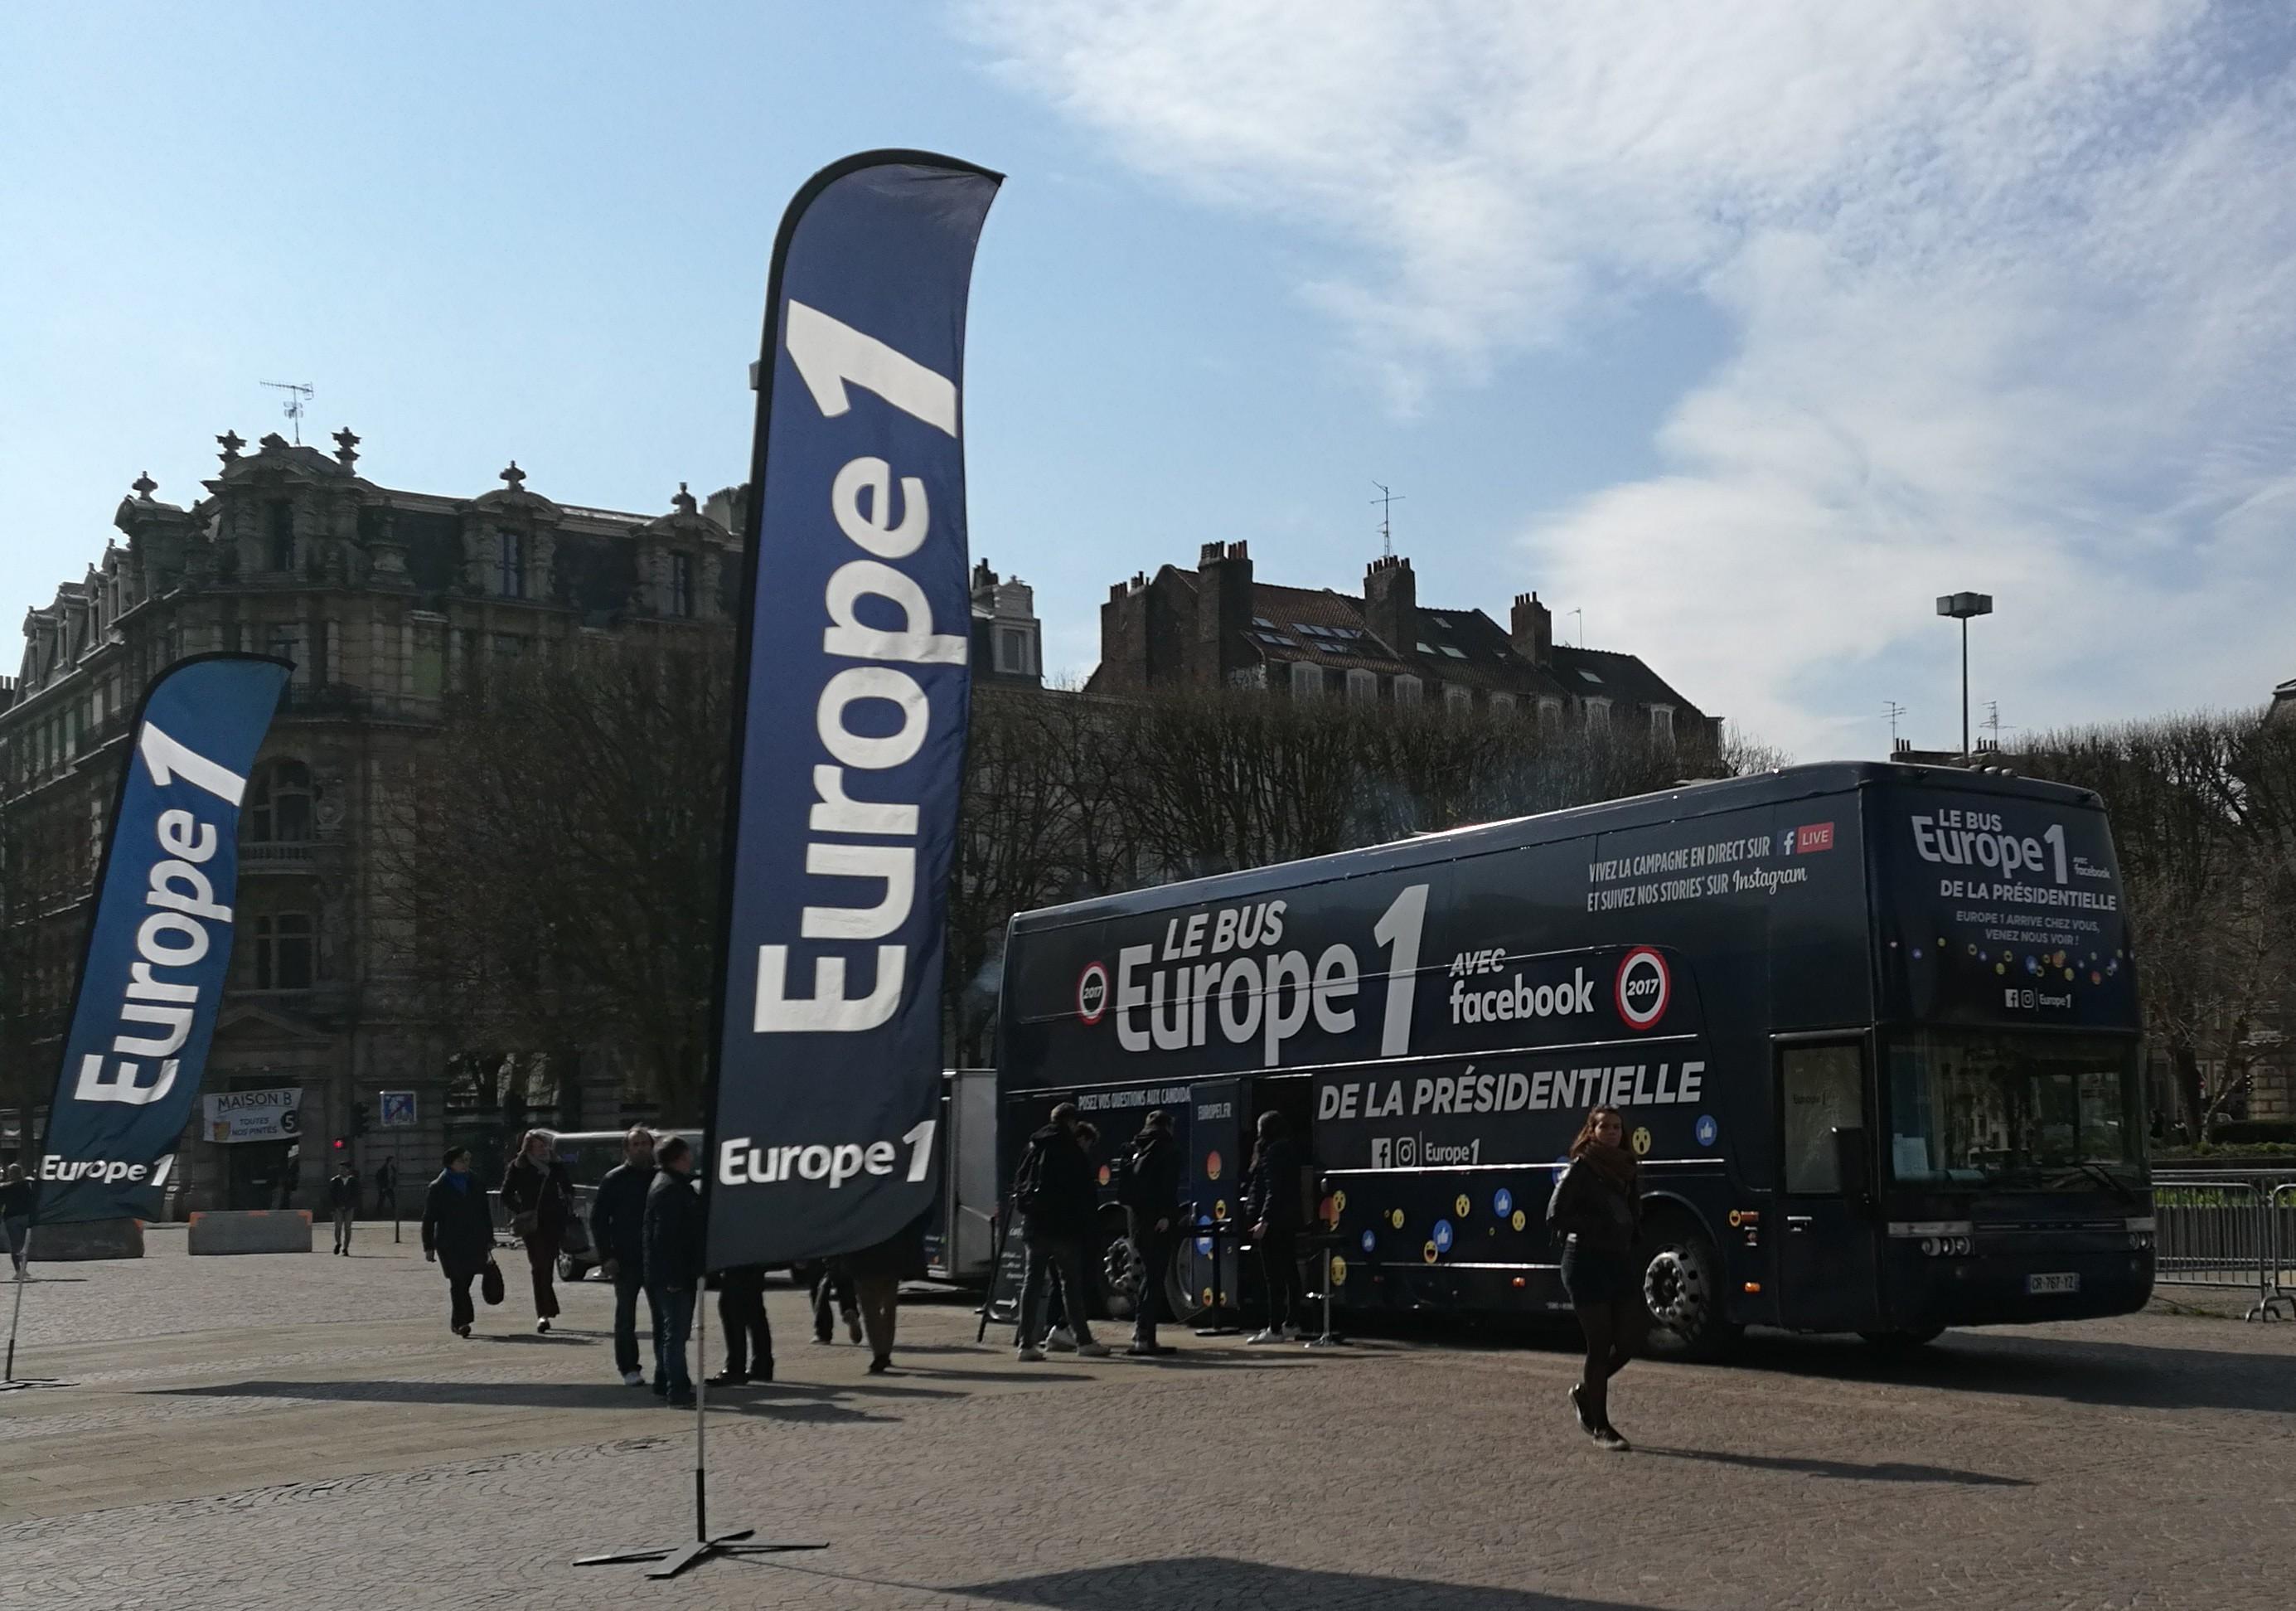 Le bus Europe 1 de la présidentielle, place de la République à Lille © Olivier Malcurat